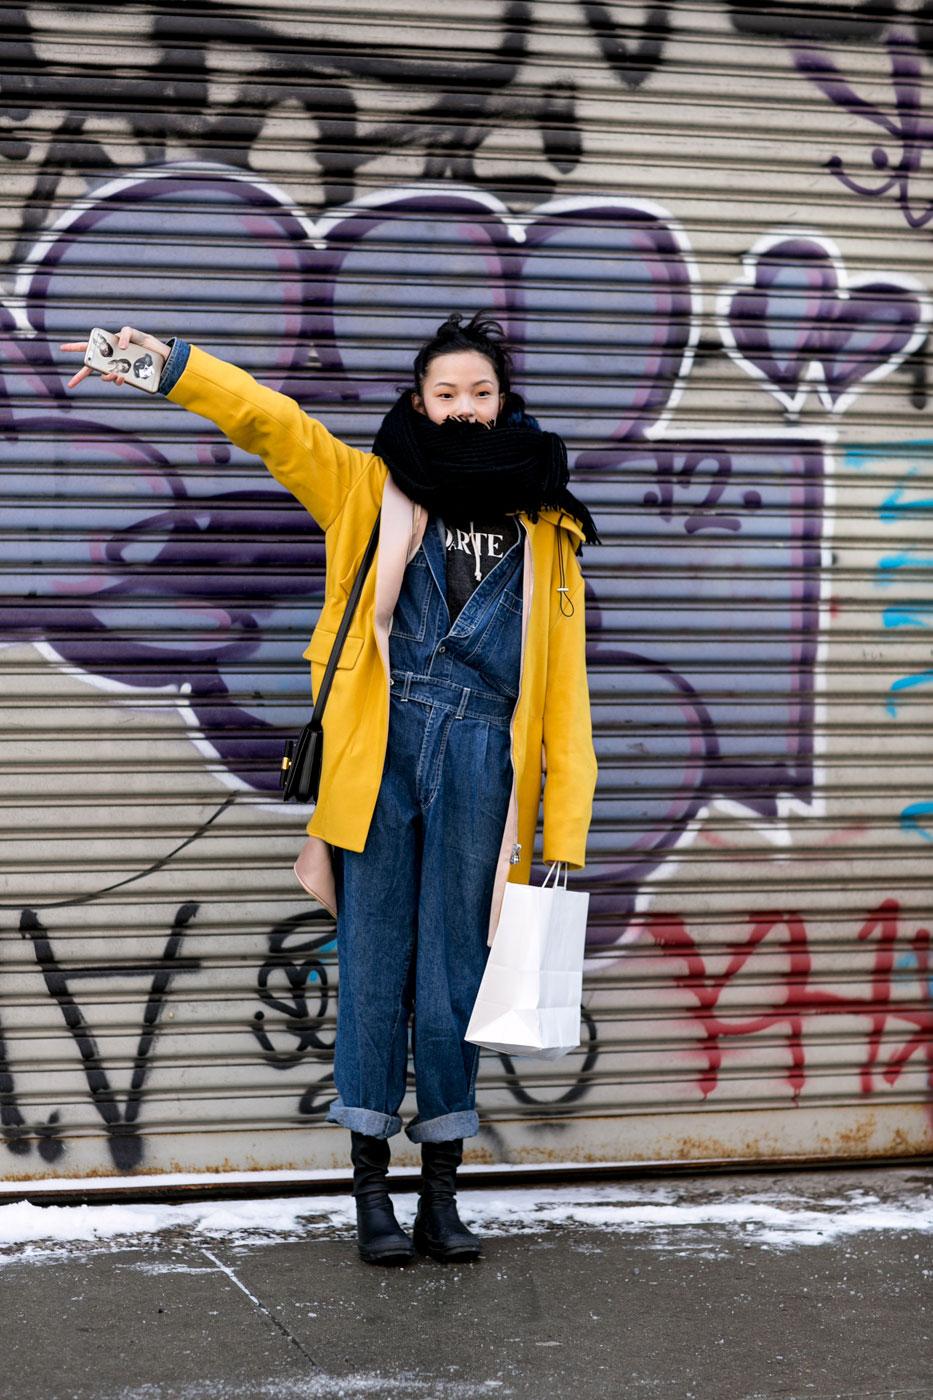 Xiao Wen Ju   - NYFW Fall 2015 street style